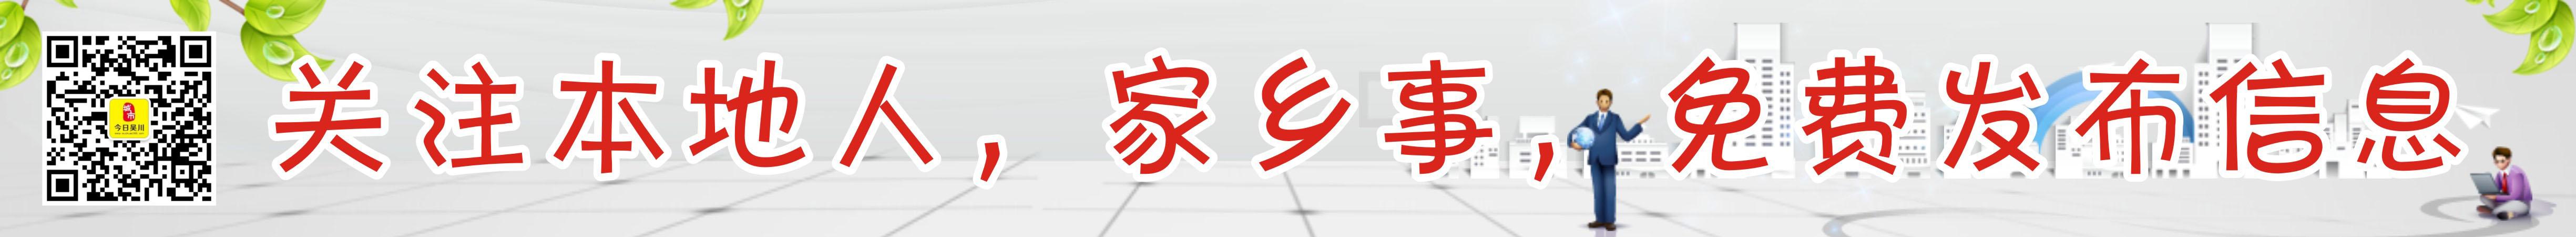 下载今日吴川App